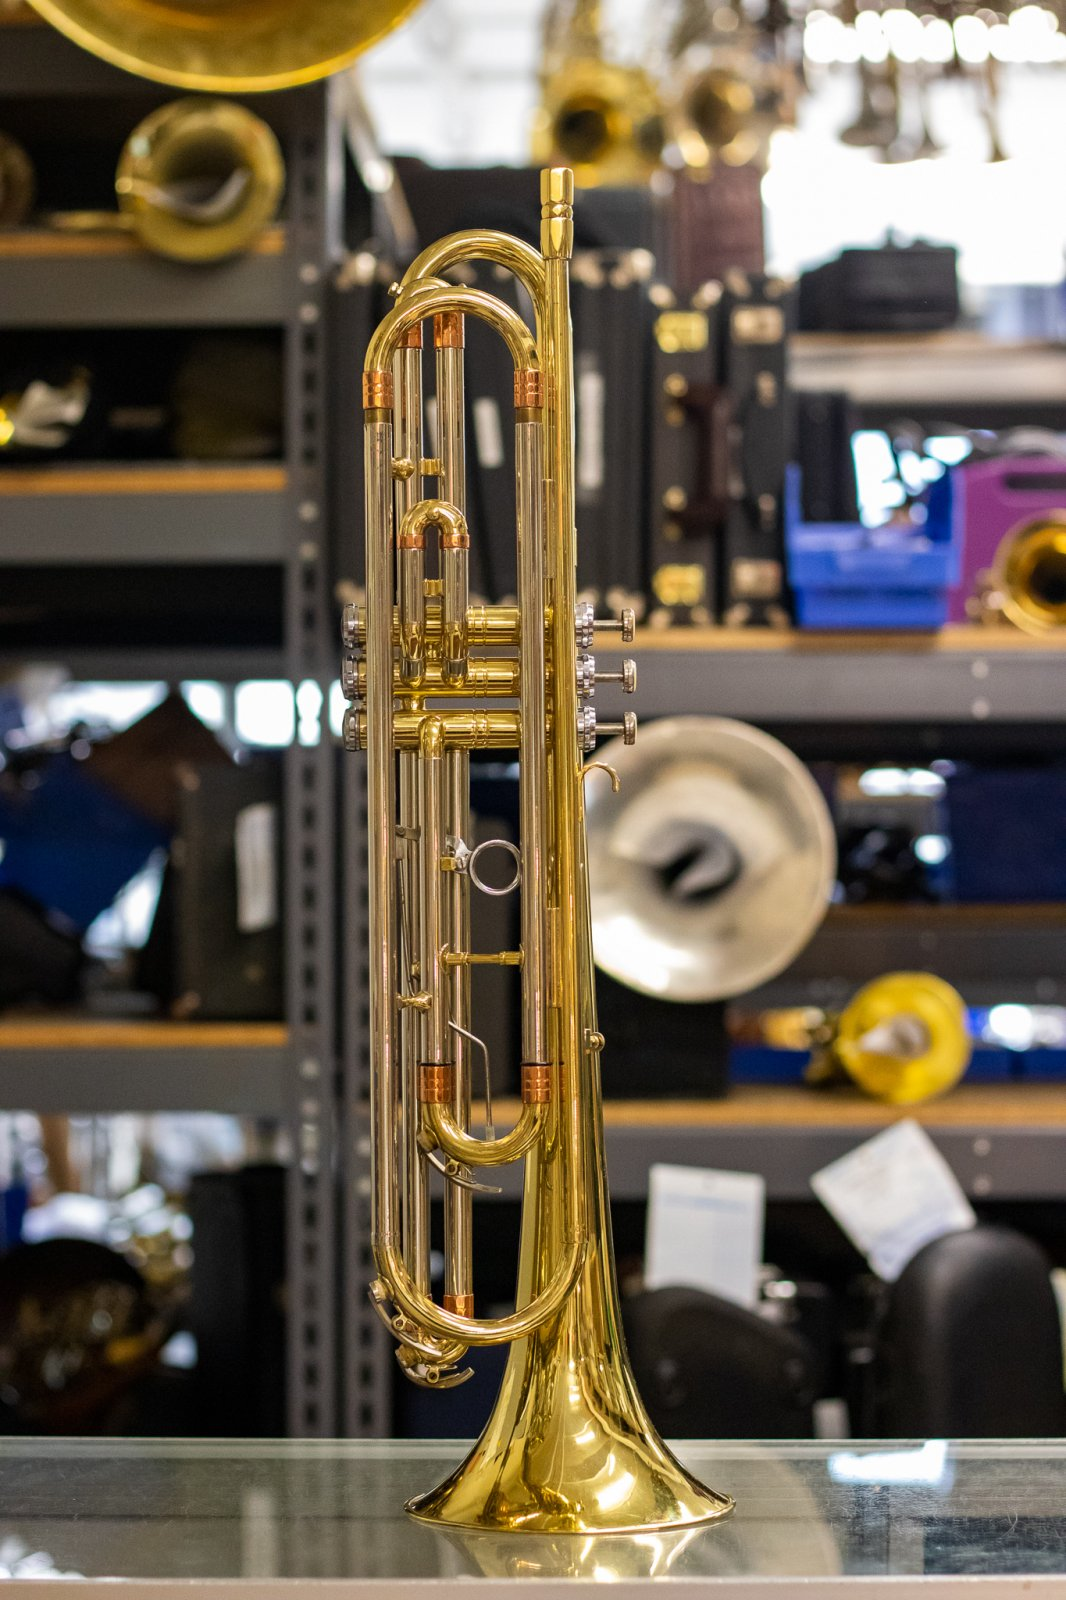 Getzen Deluxe Bass Trumpet - Used